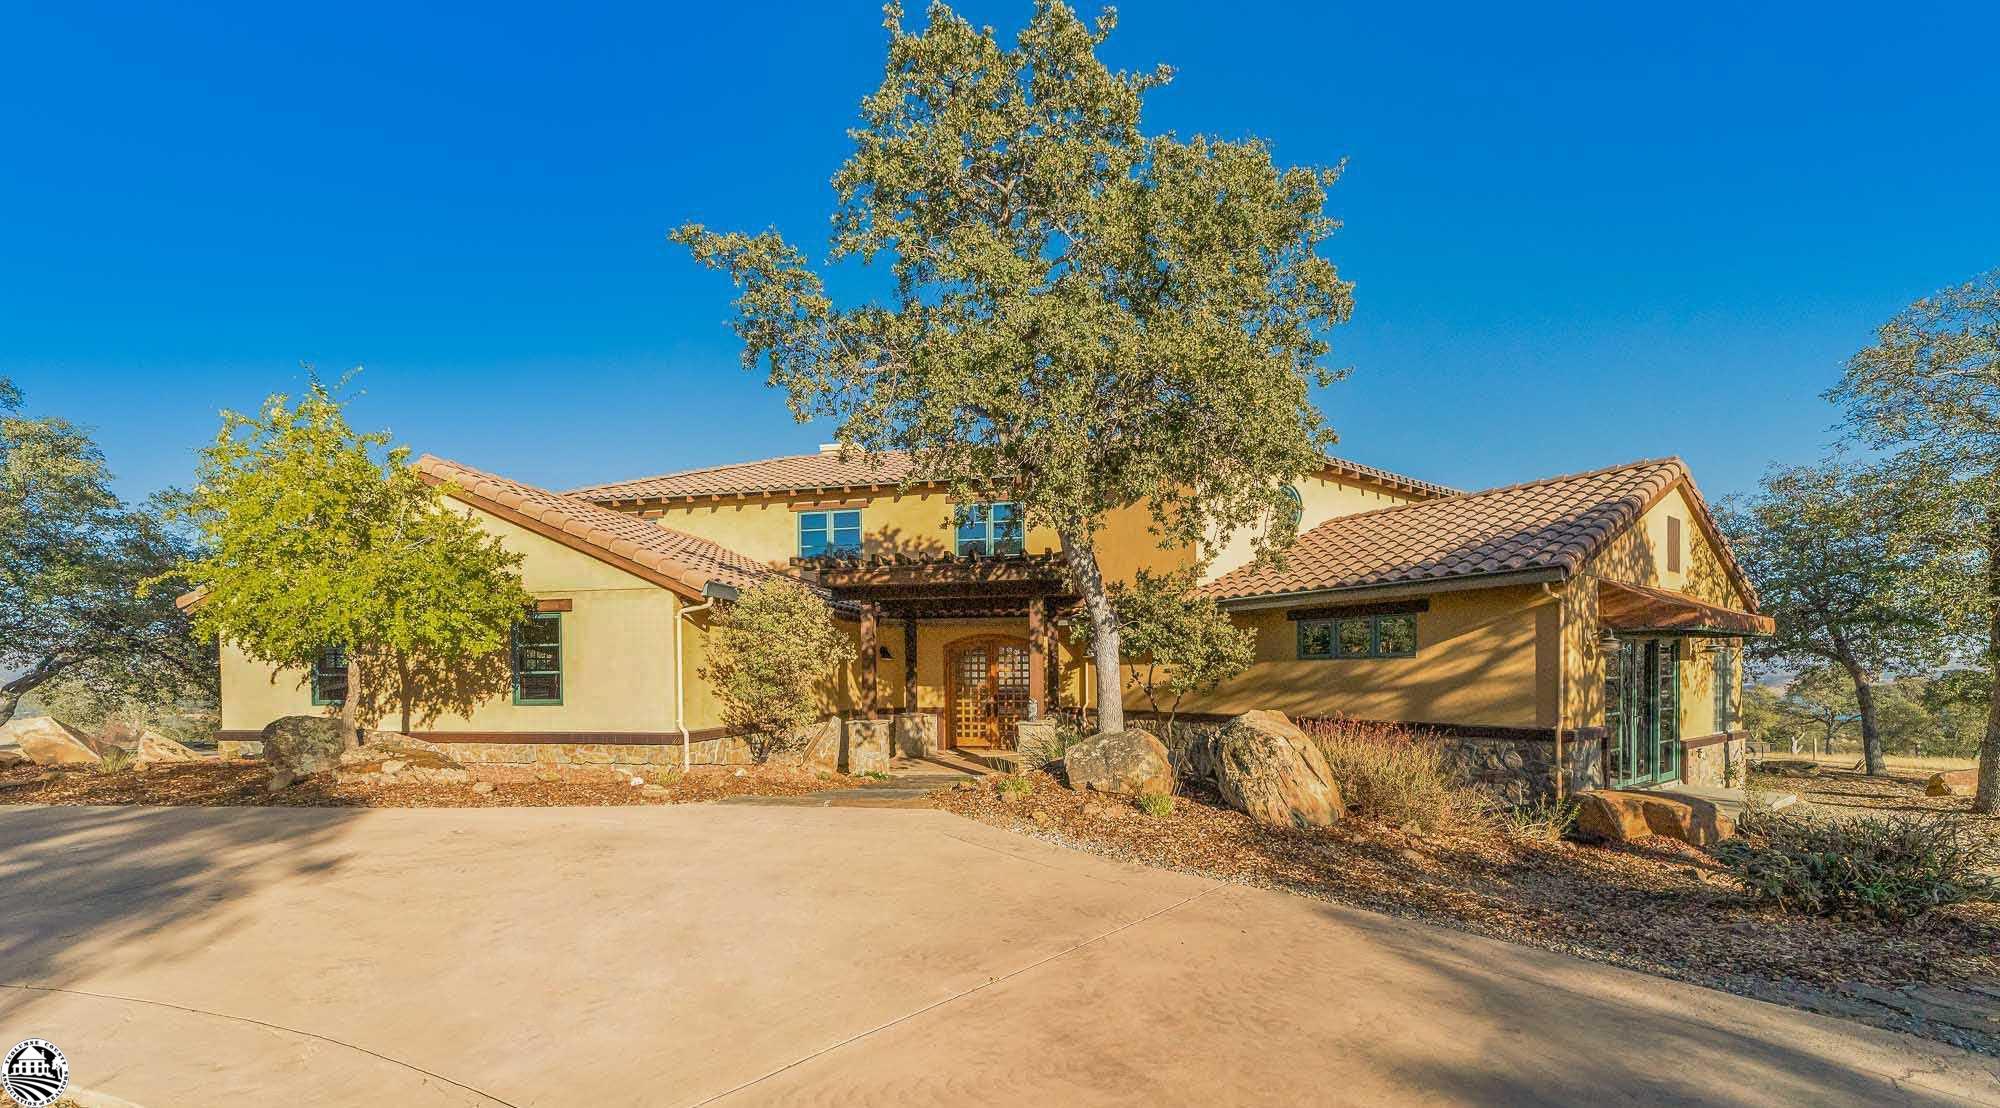 10330 Vista De La Sierra Drive, La Grange, CA 95329